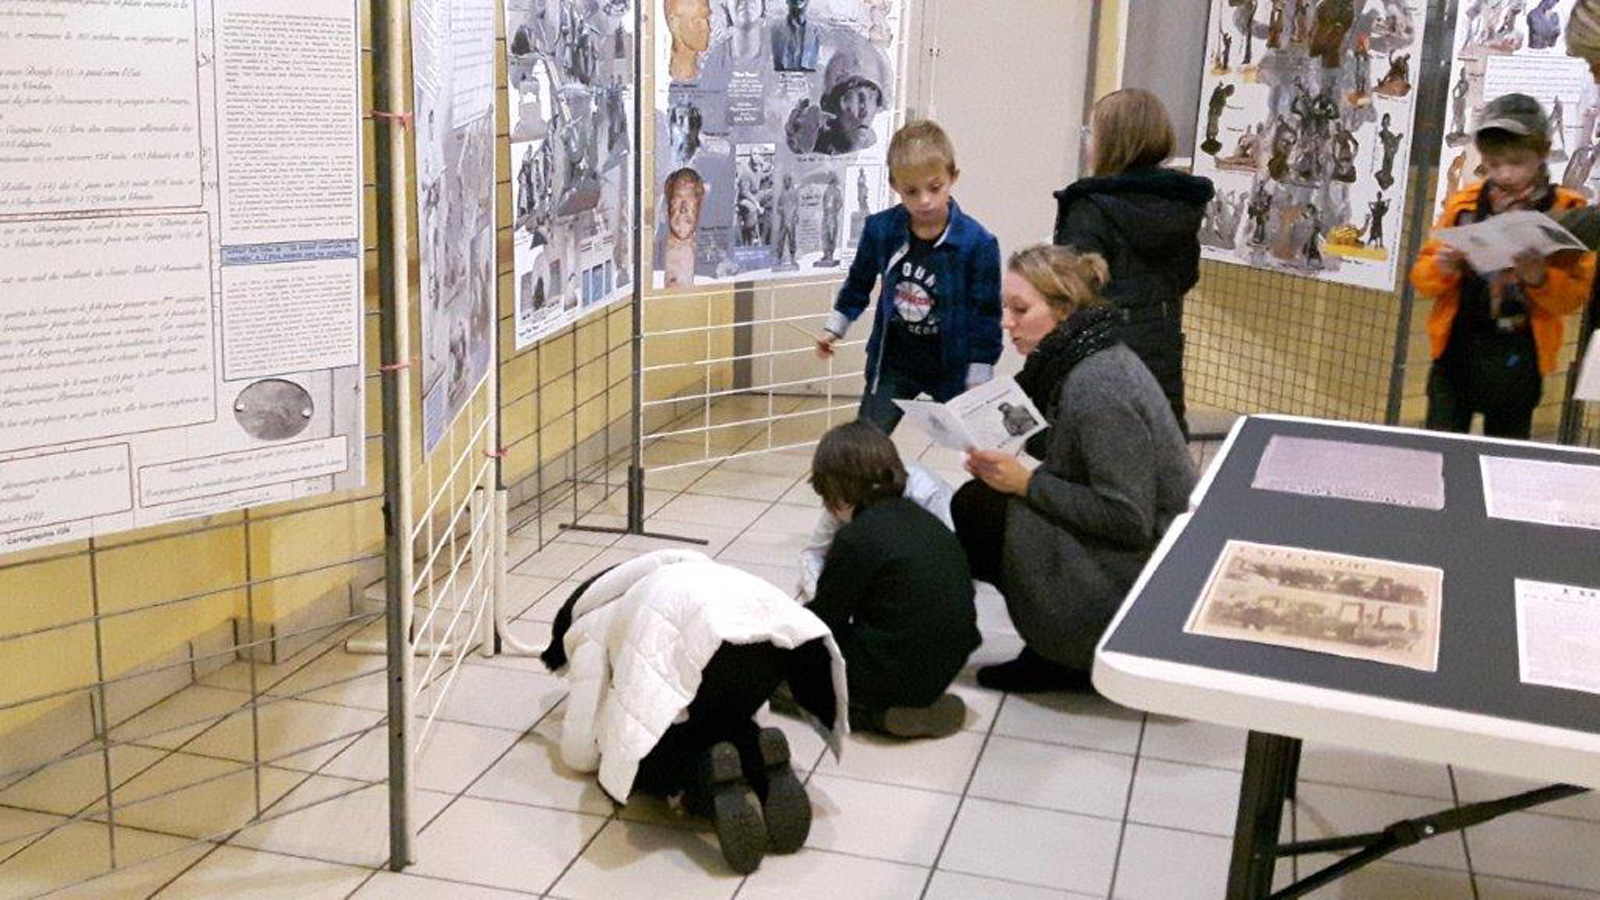 Lundi matin, des élèves en visite de l'expo des panneaux : au pays de beden ...